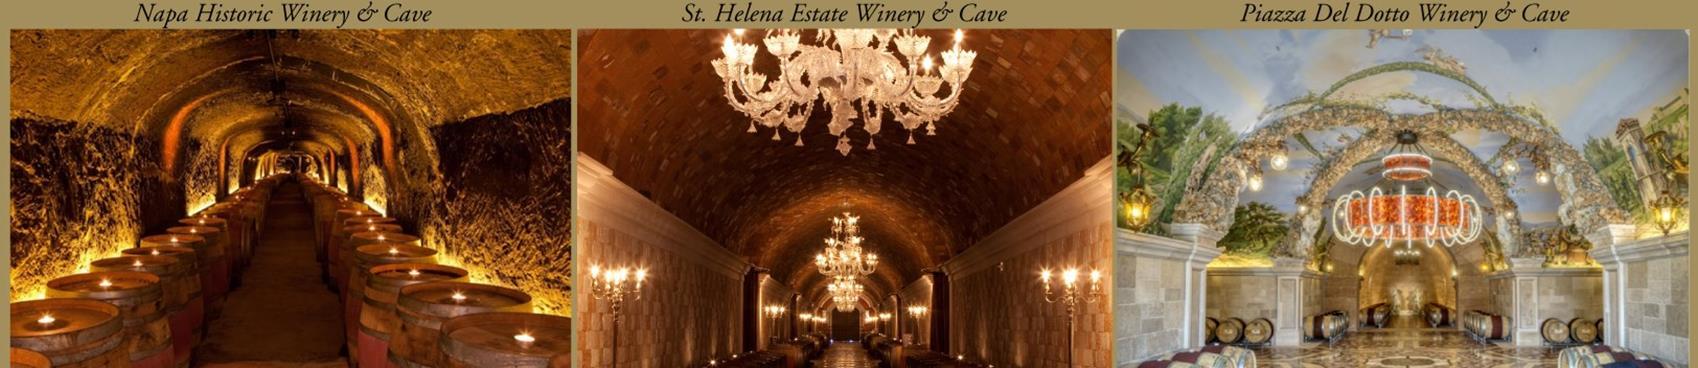 Del Dotto Venetian Estate Winery & Caves